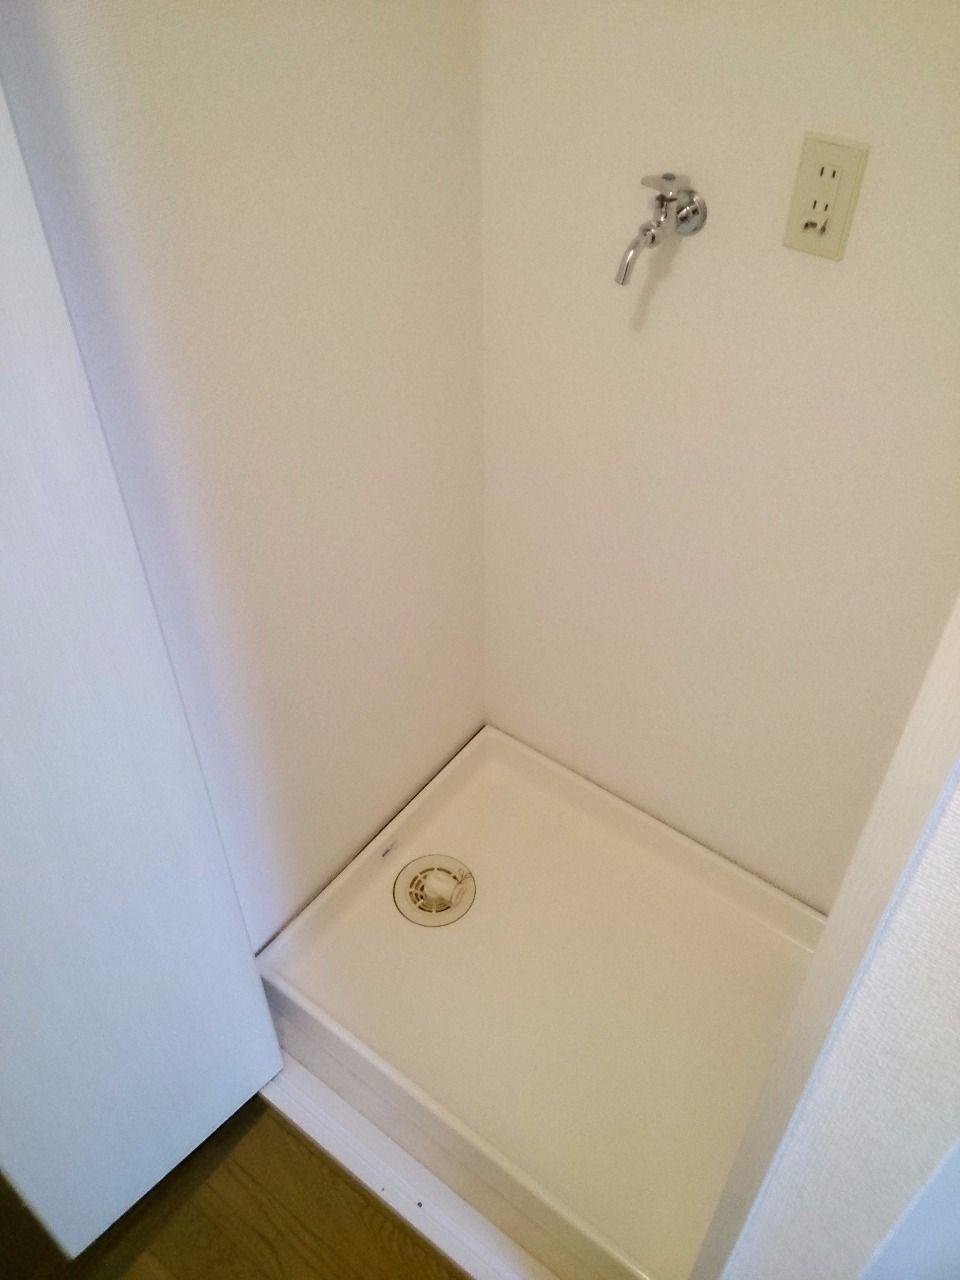 洗濯機には防水パンと扉を設置